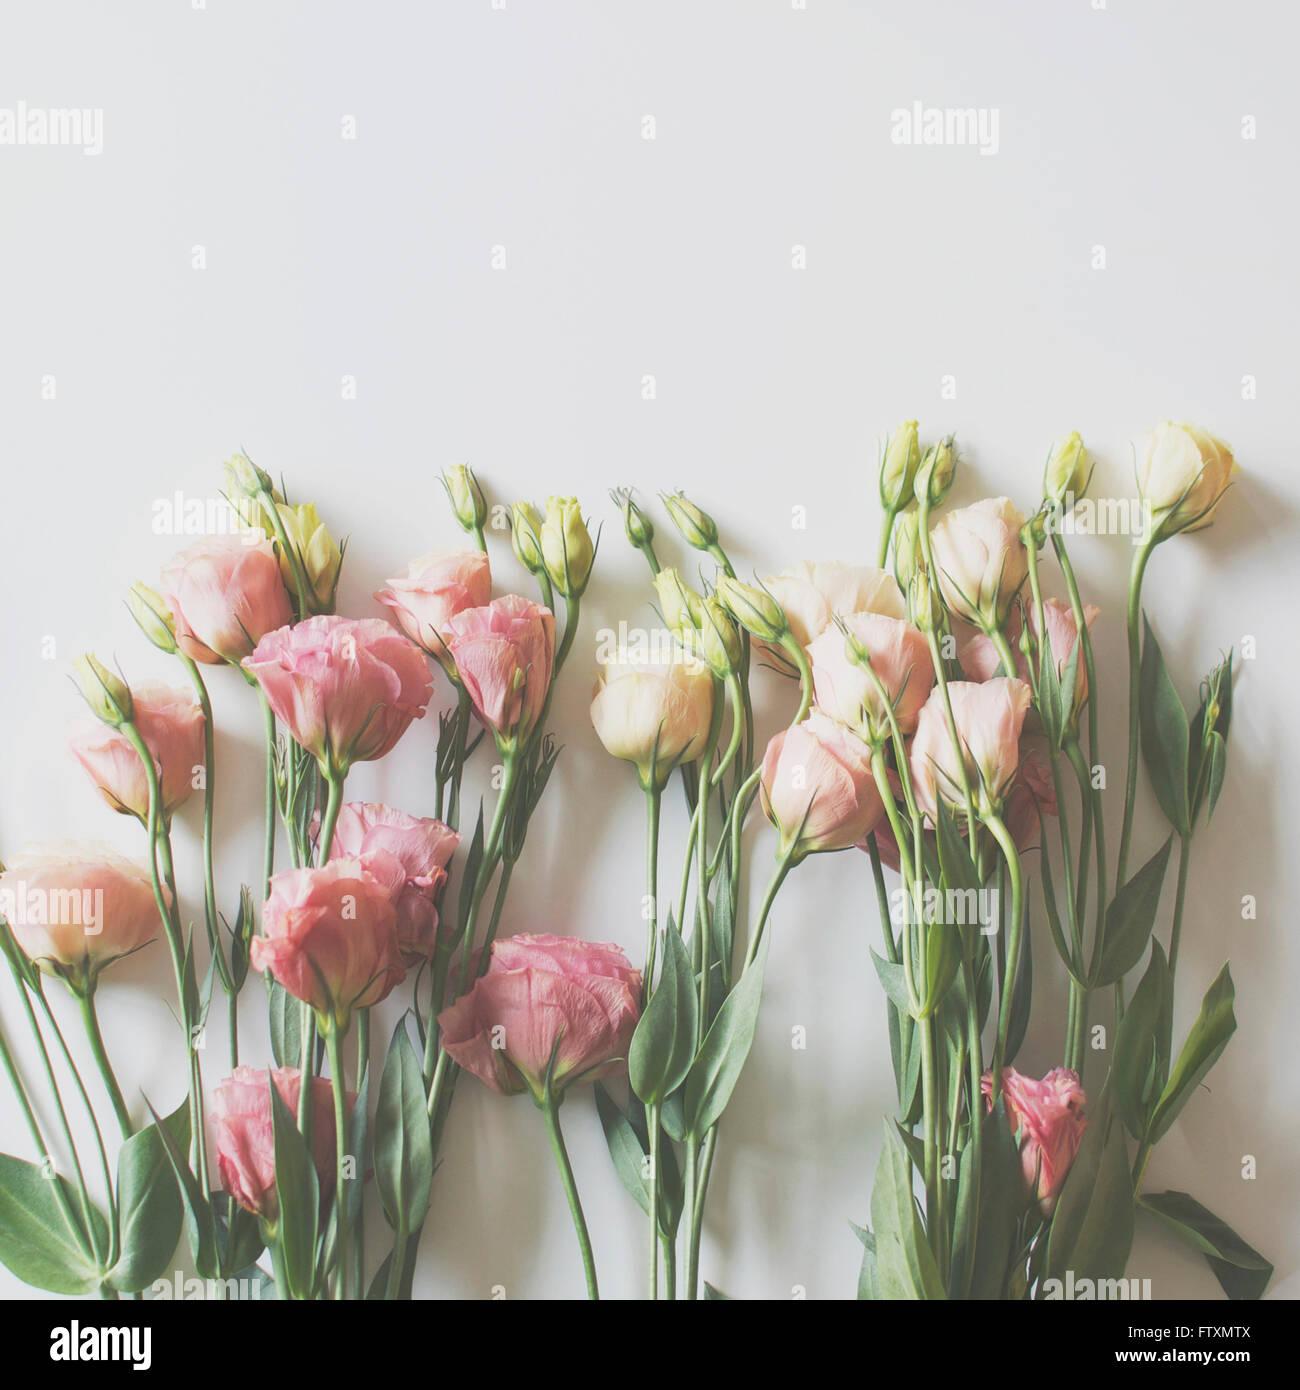 Lisianthus flowers on plain background - Stock Image